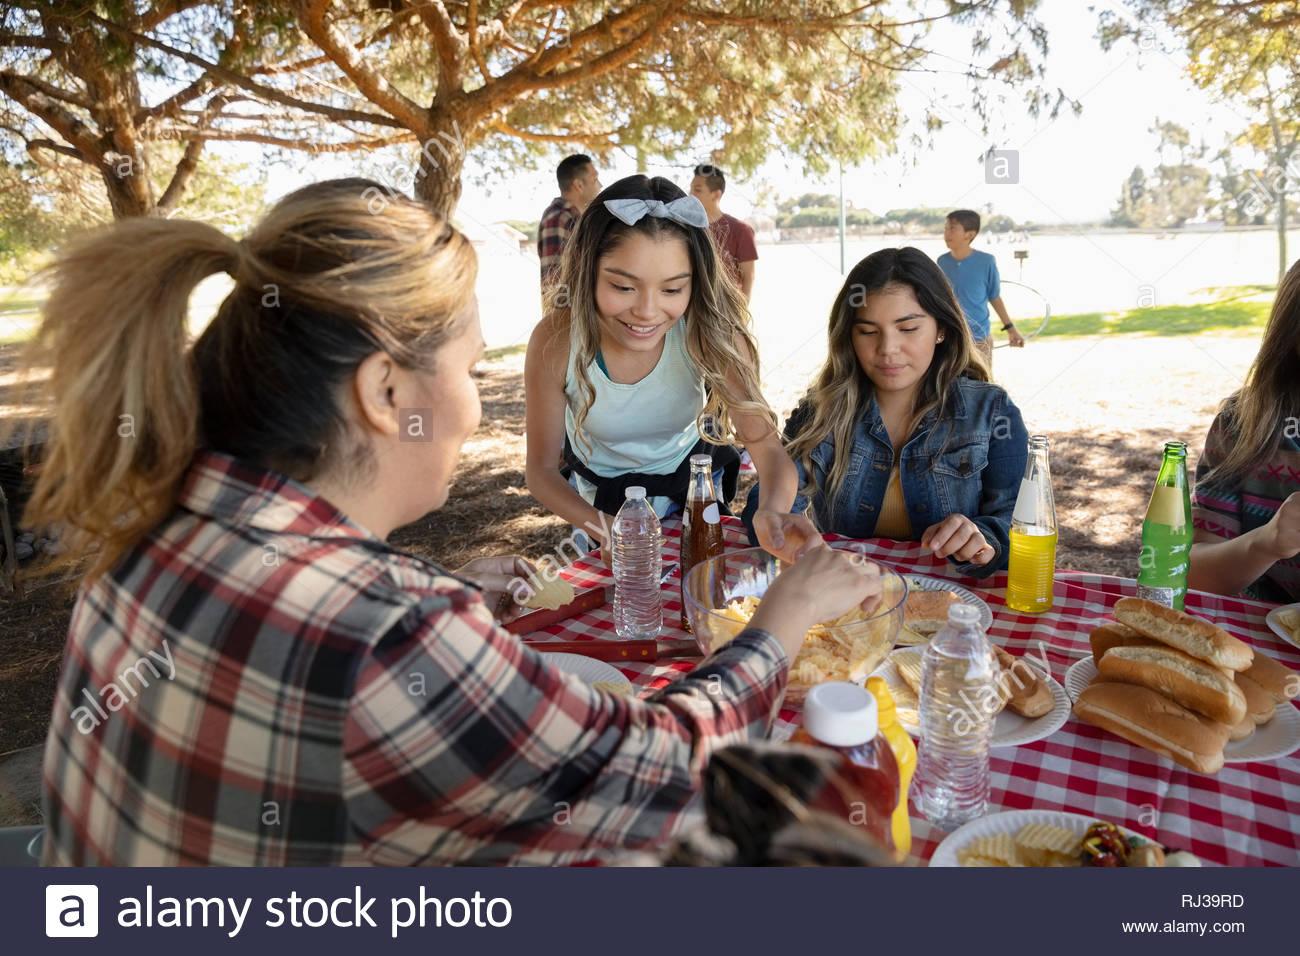 Famiglia Latinx godendo di pranzo a barbecue nel parco Immagini Stock